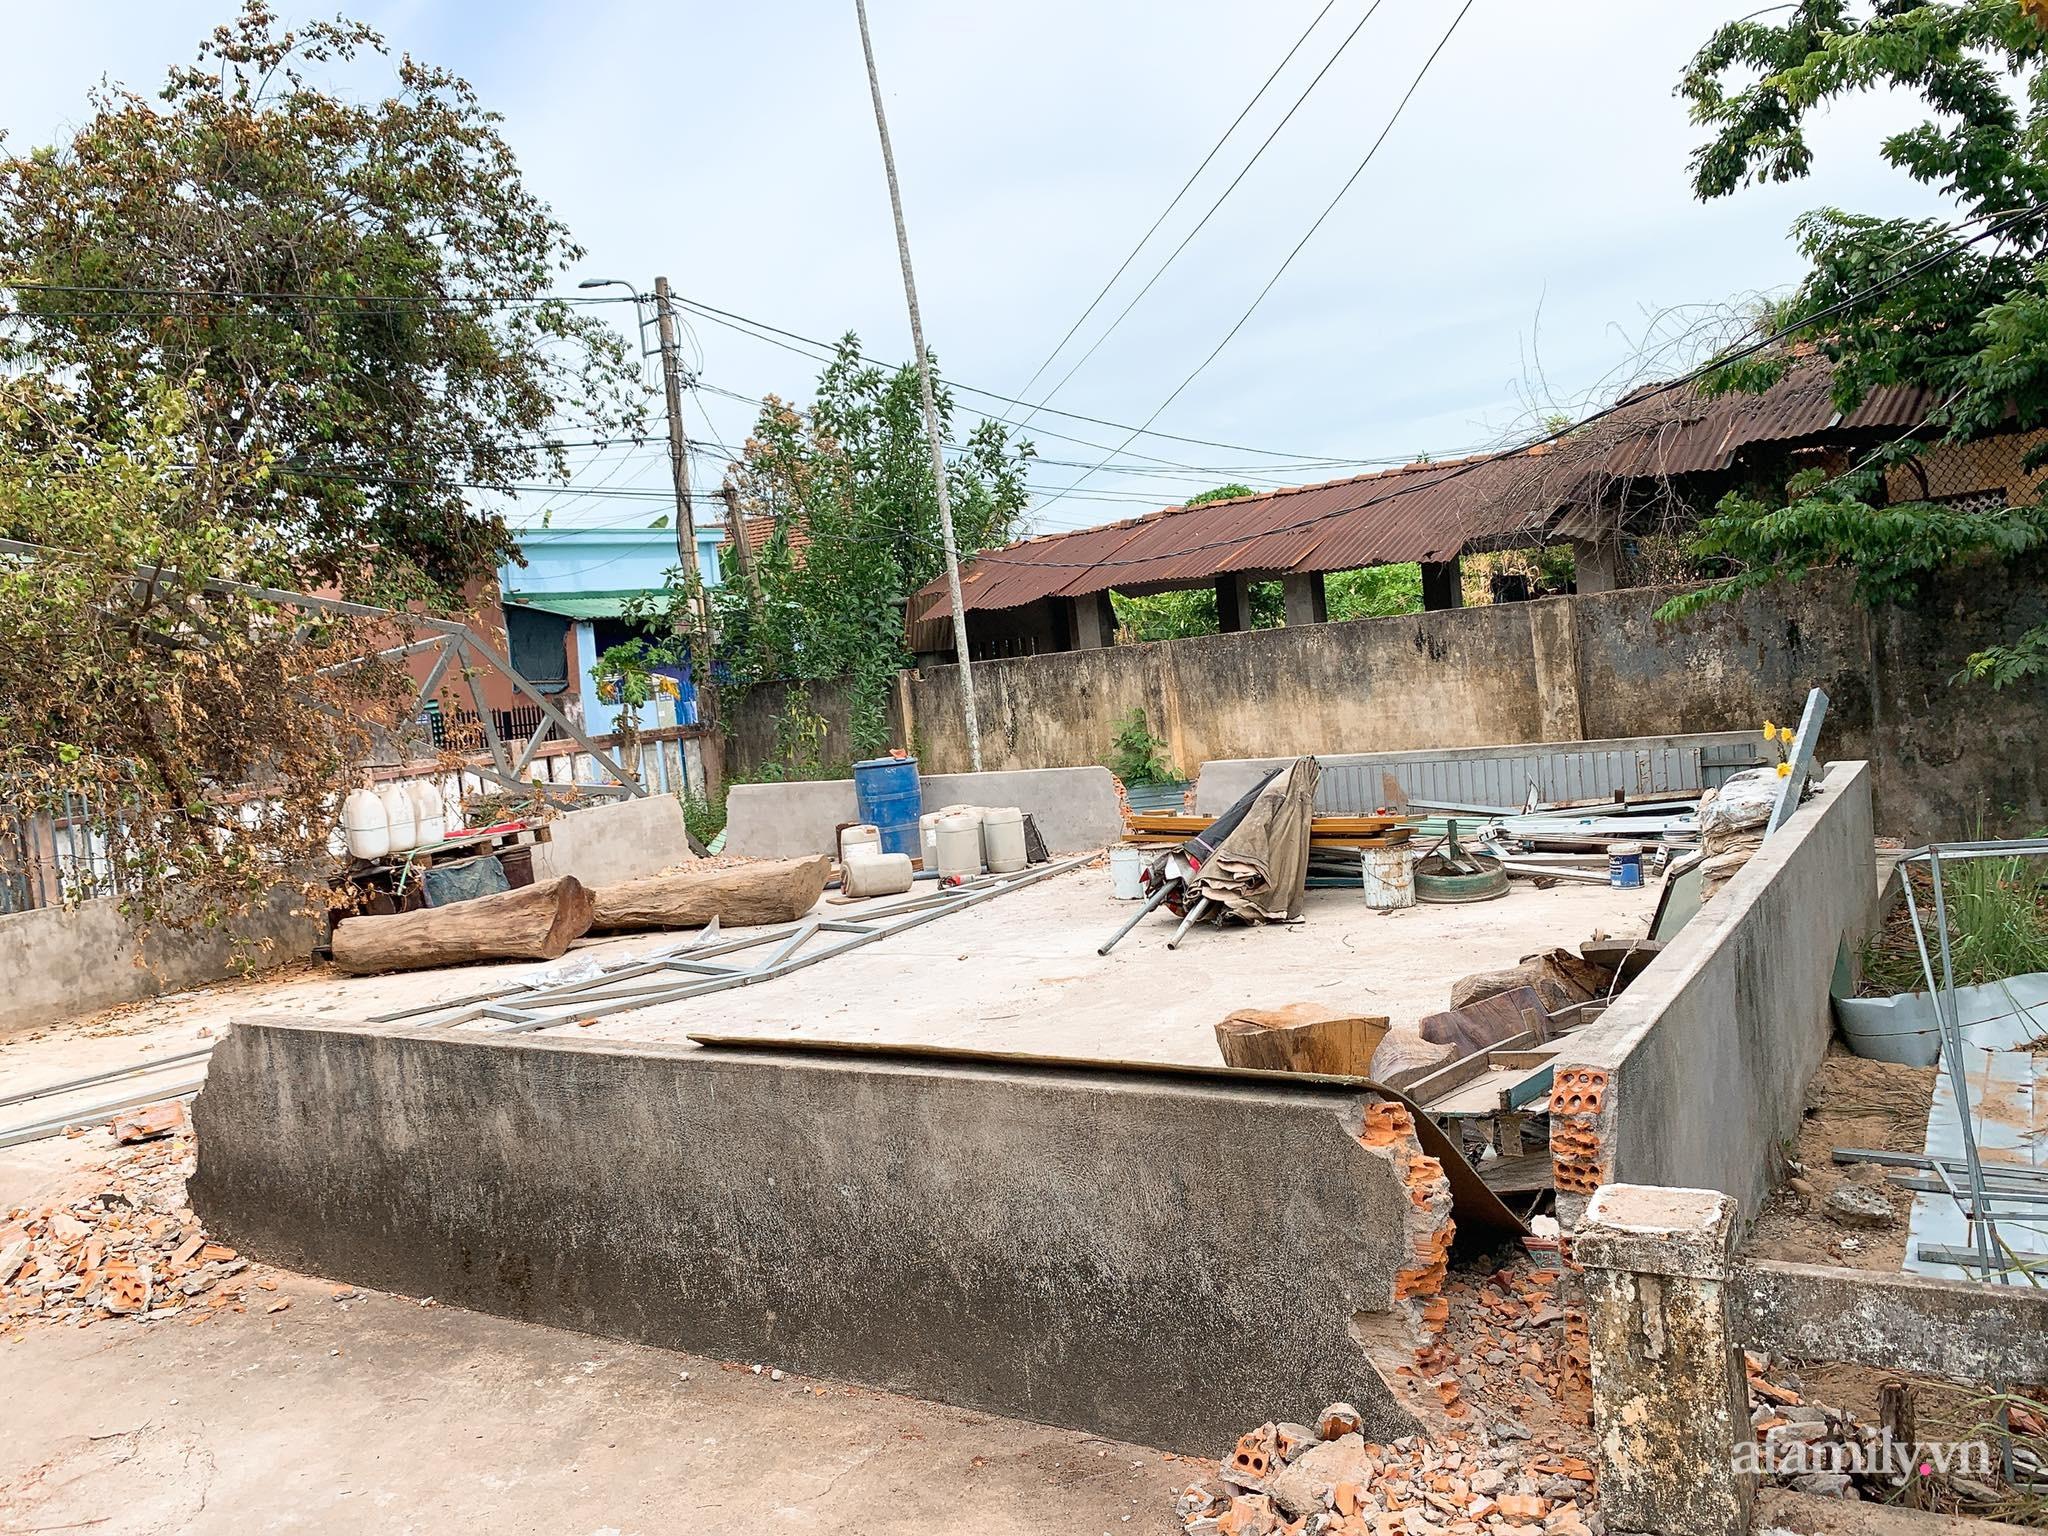 Nhà cấp 4 xây theo mô hình chống bão của cặp vợ chồng trẻ người Quảng Ngãi gây xôn xao vì đẹp như hình tạp chí, chính chủ tiết lộ chi phí gần 1,2 tỷ đồng - Ảnh 2.